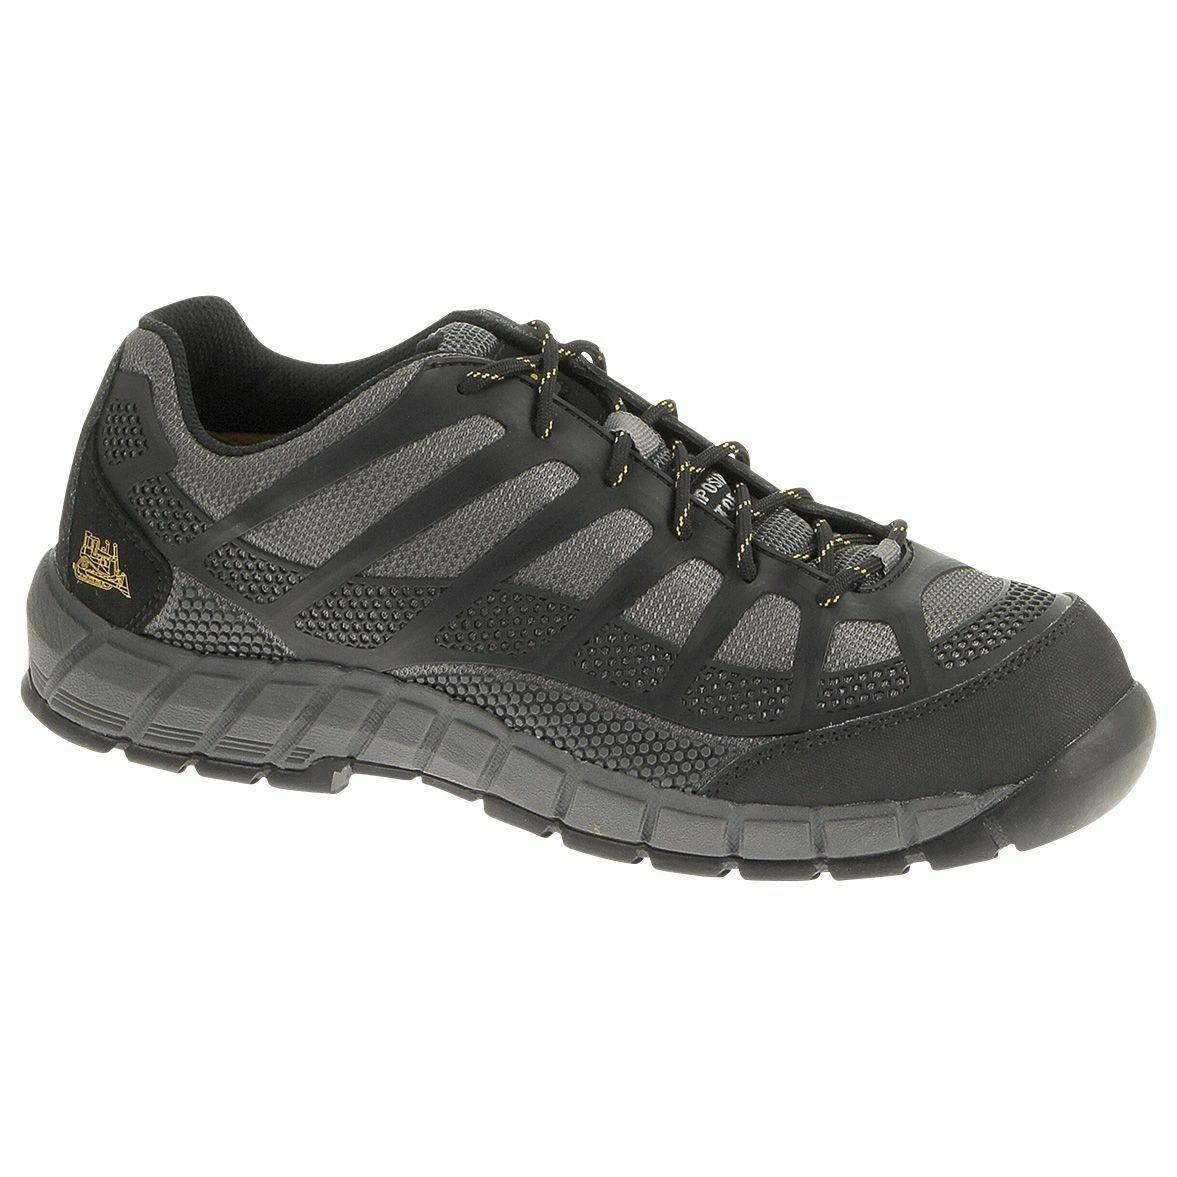 Men's Cat Footwear Streamline Work shoes Charcoal 8.5  NBIHJ-M604